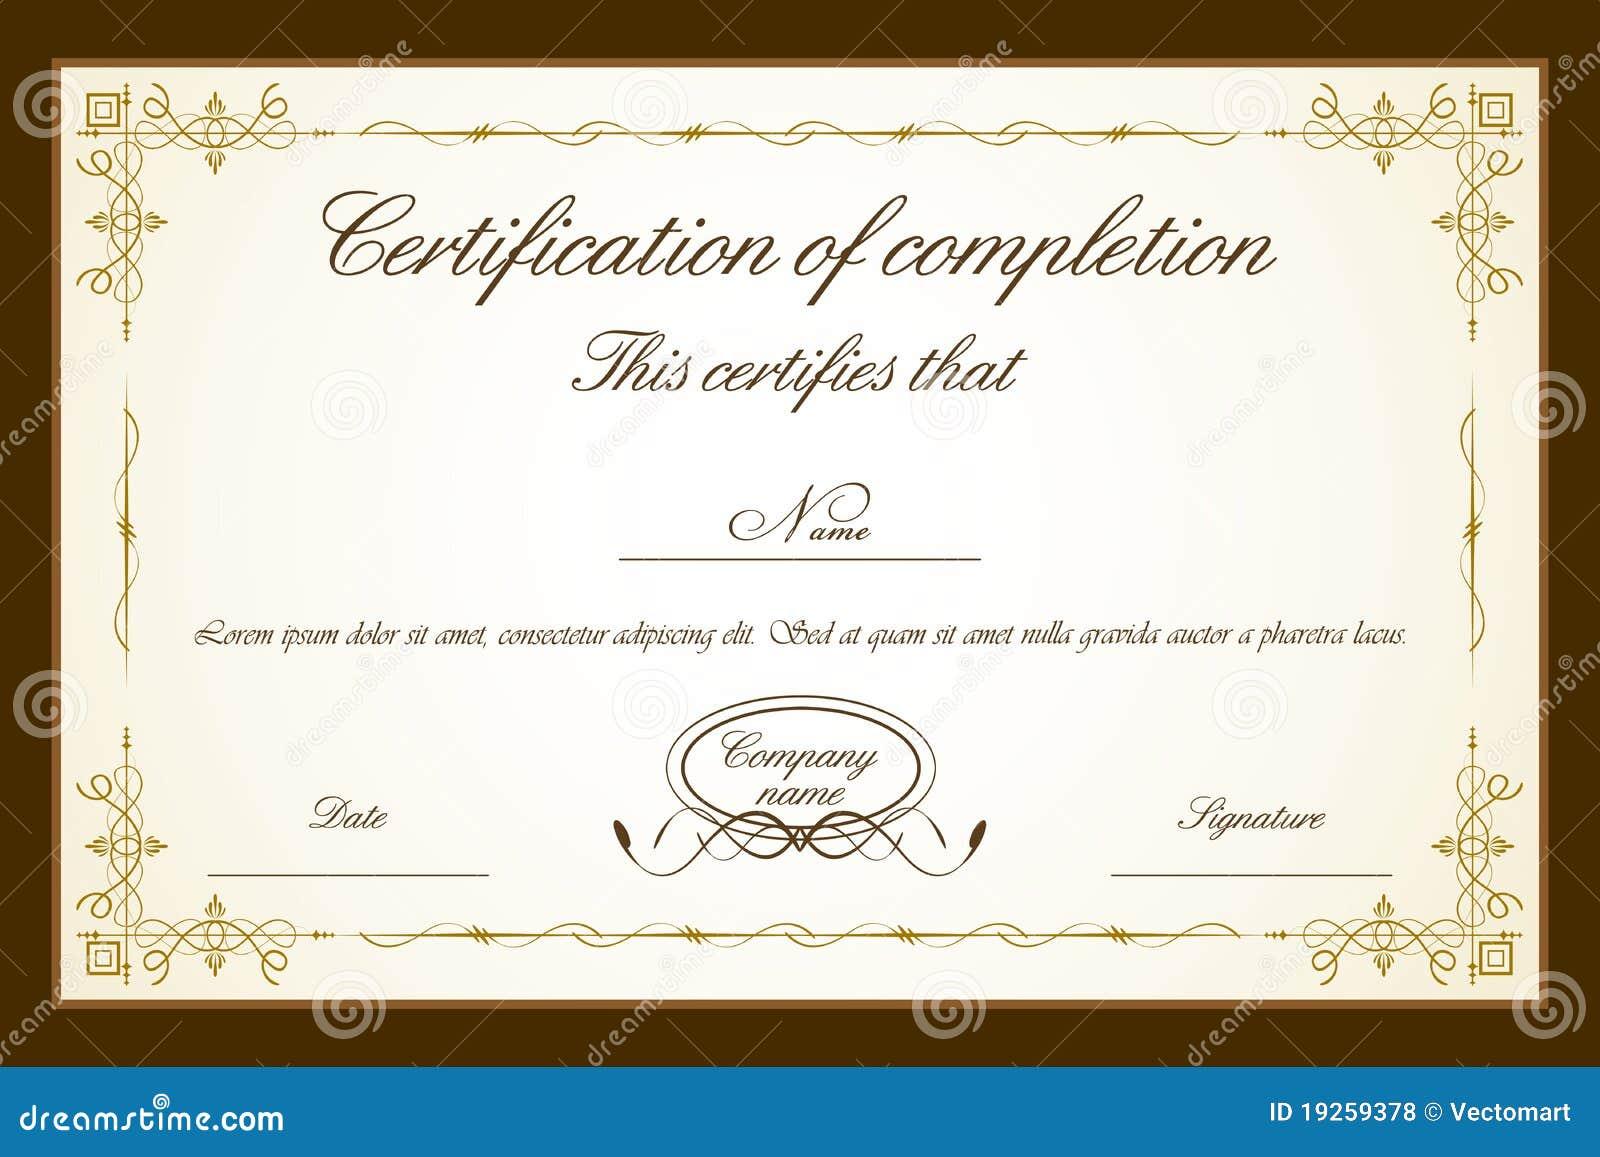 Сертификаты на английском шаблоны скачать бесплатно